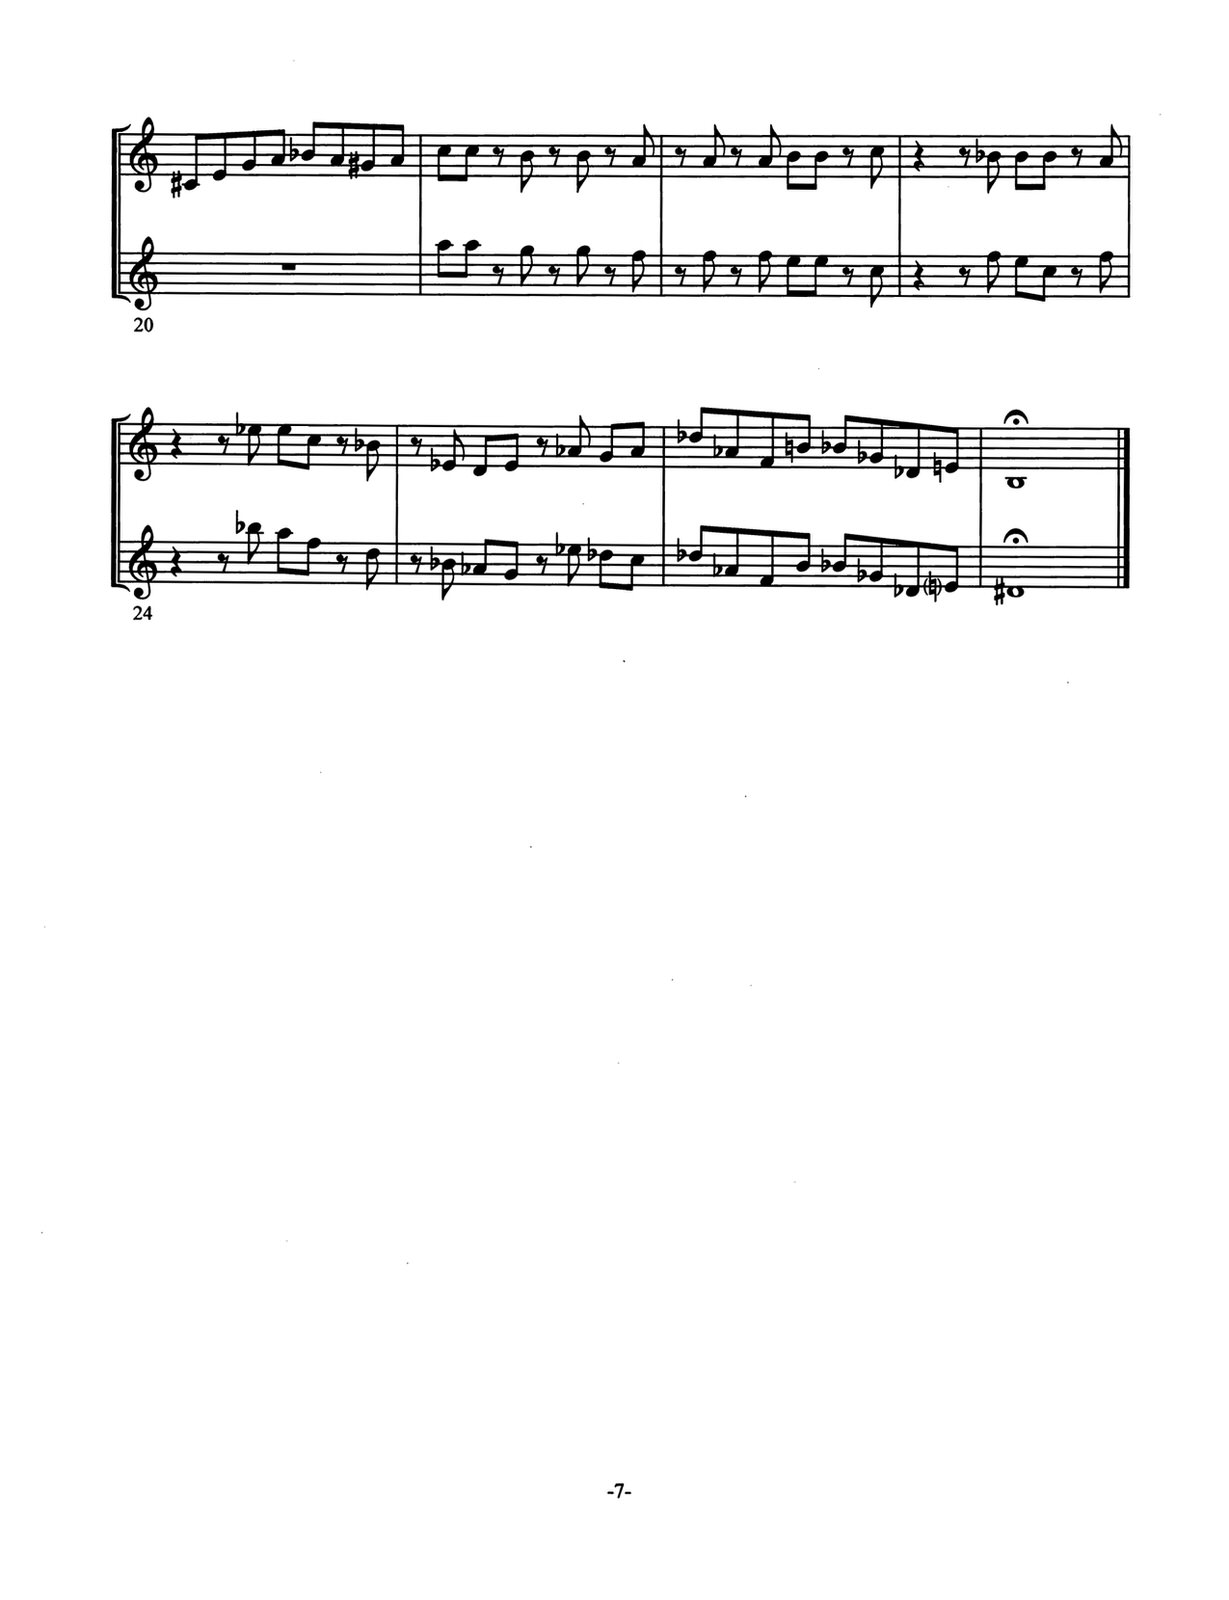 Magnarelli, Joe, Jazz Trumpet Duets 4